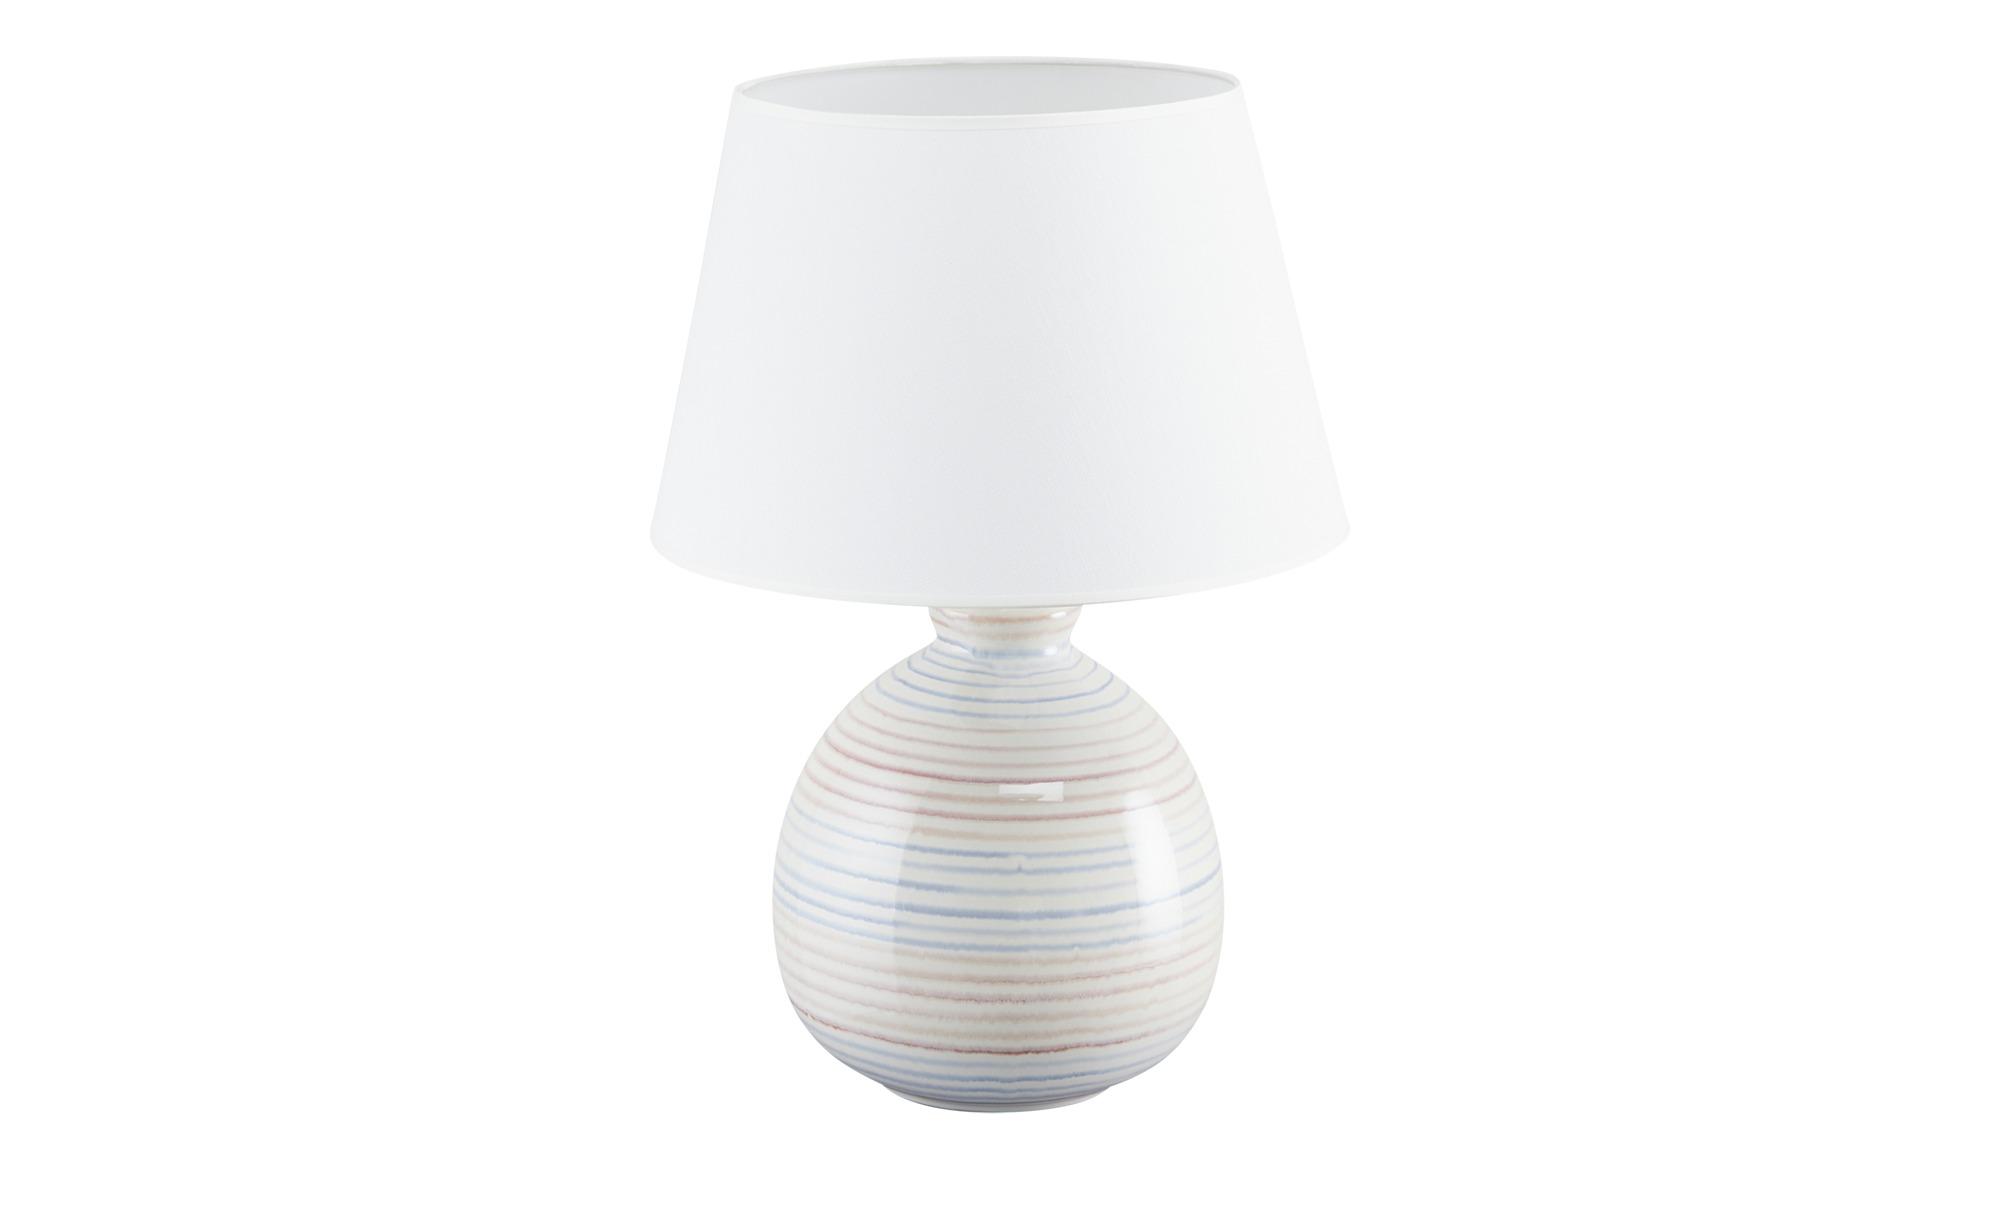 KHG Keramik-Tischleuchte, 1-flammig, bunt gestreift/ Handbemalt ¦ weiß ¦ Maße (cm): H: 51 Ø: 35 Lampen & Leuchten > Innenleuchten > Tischlampen - Höffner